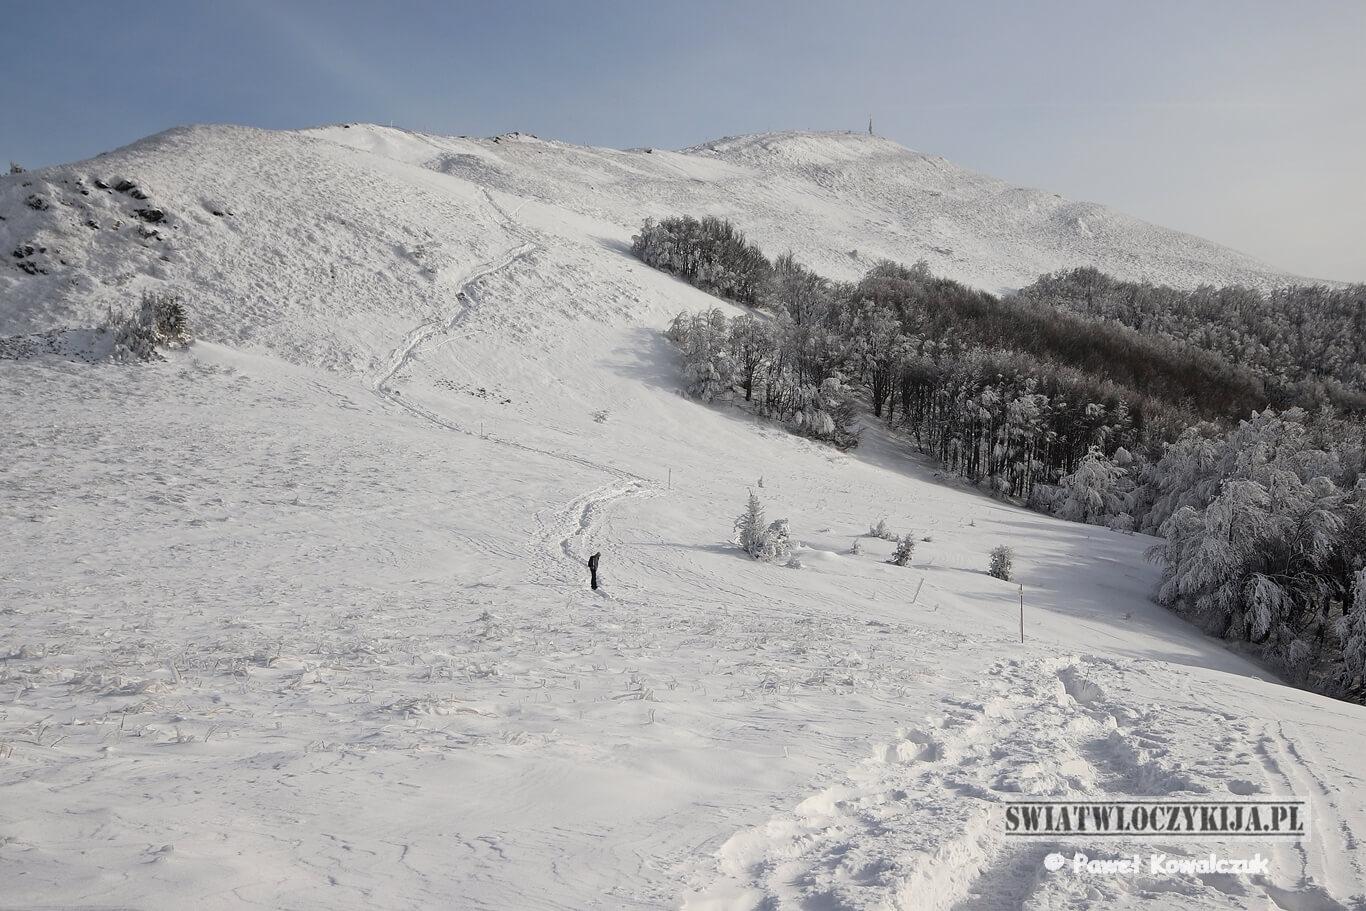 Bieszczady - ośnieżony Smerek. Na zdjęciu podejście na szczyt w zimowej sceneri. Z boku widać zbocze porośnięte gęstym lasem